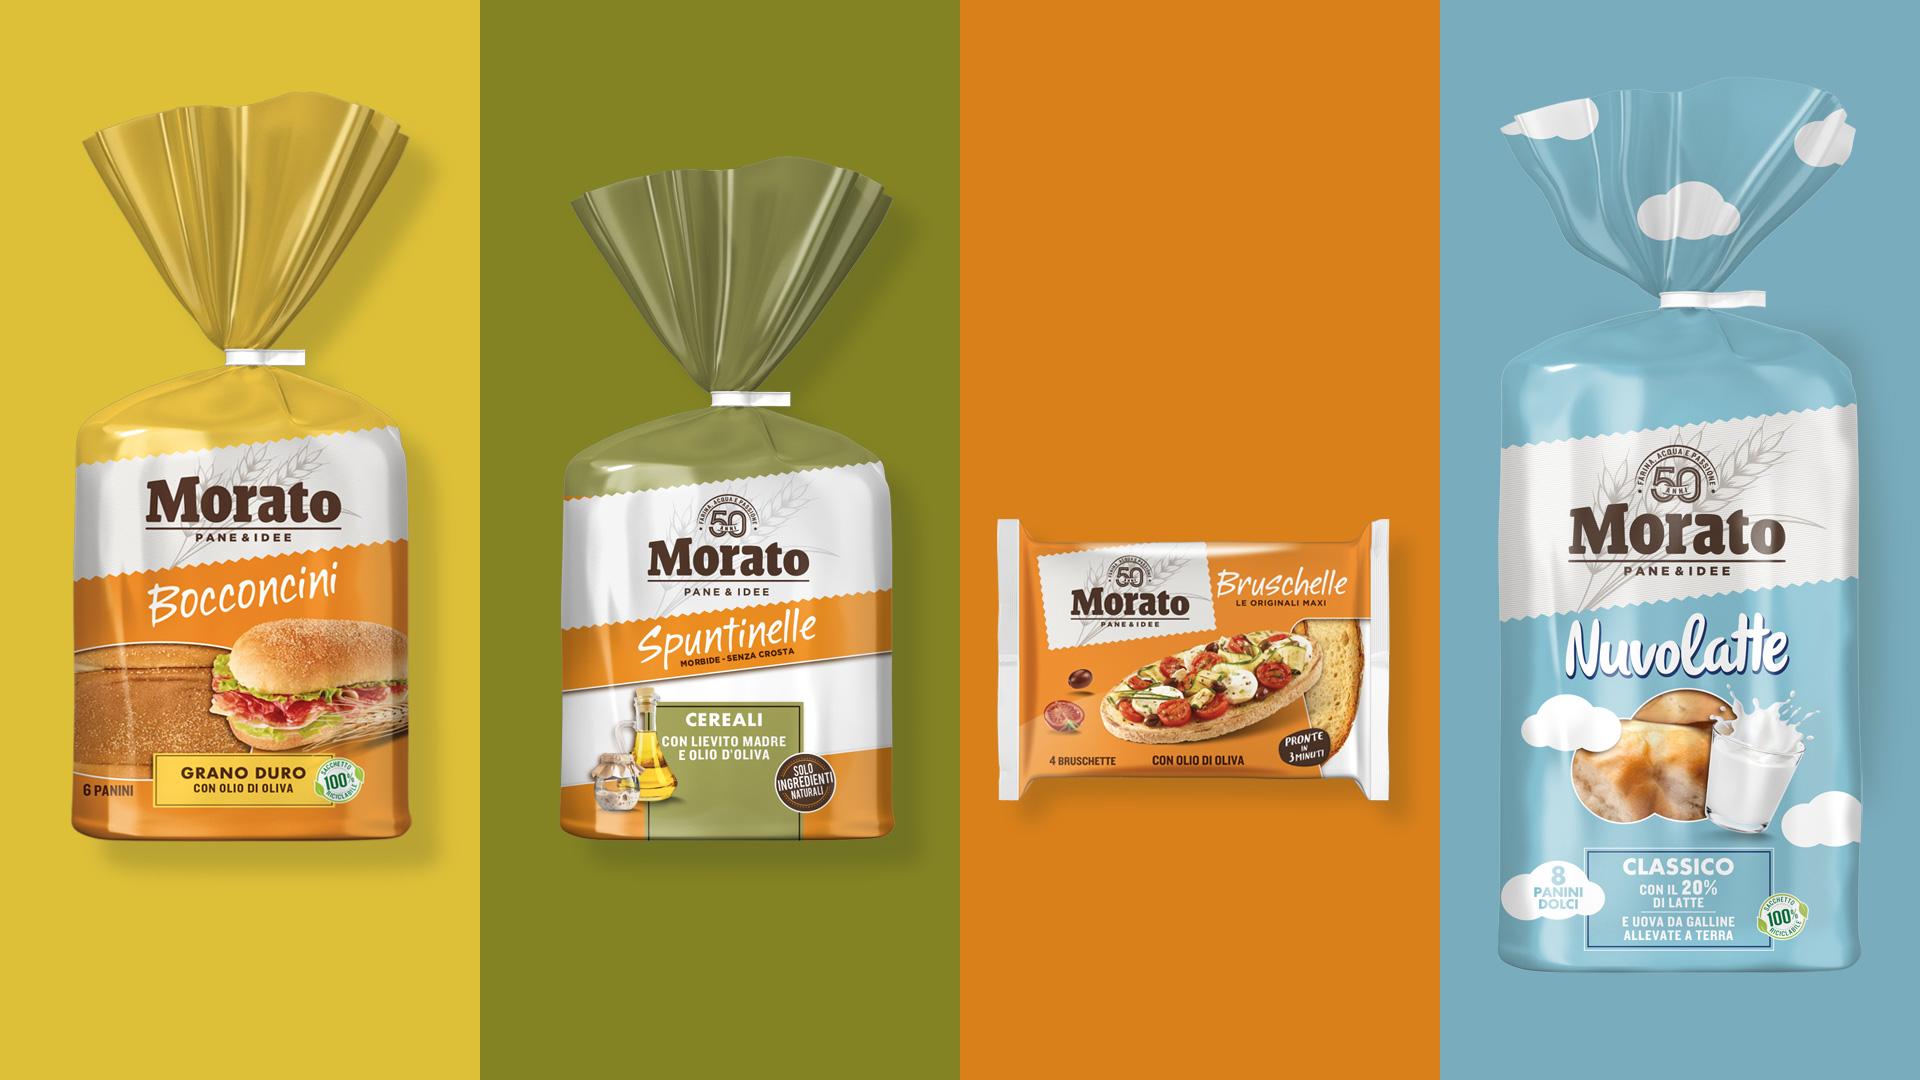 Morato-Rba-Design-005